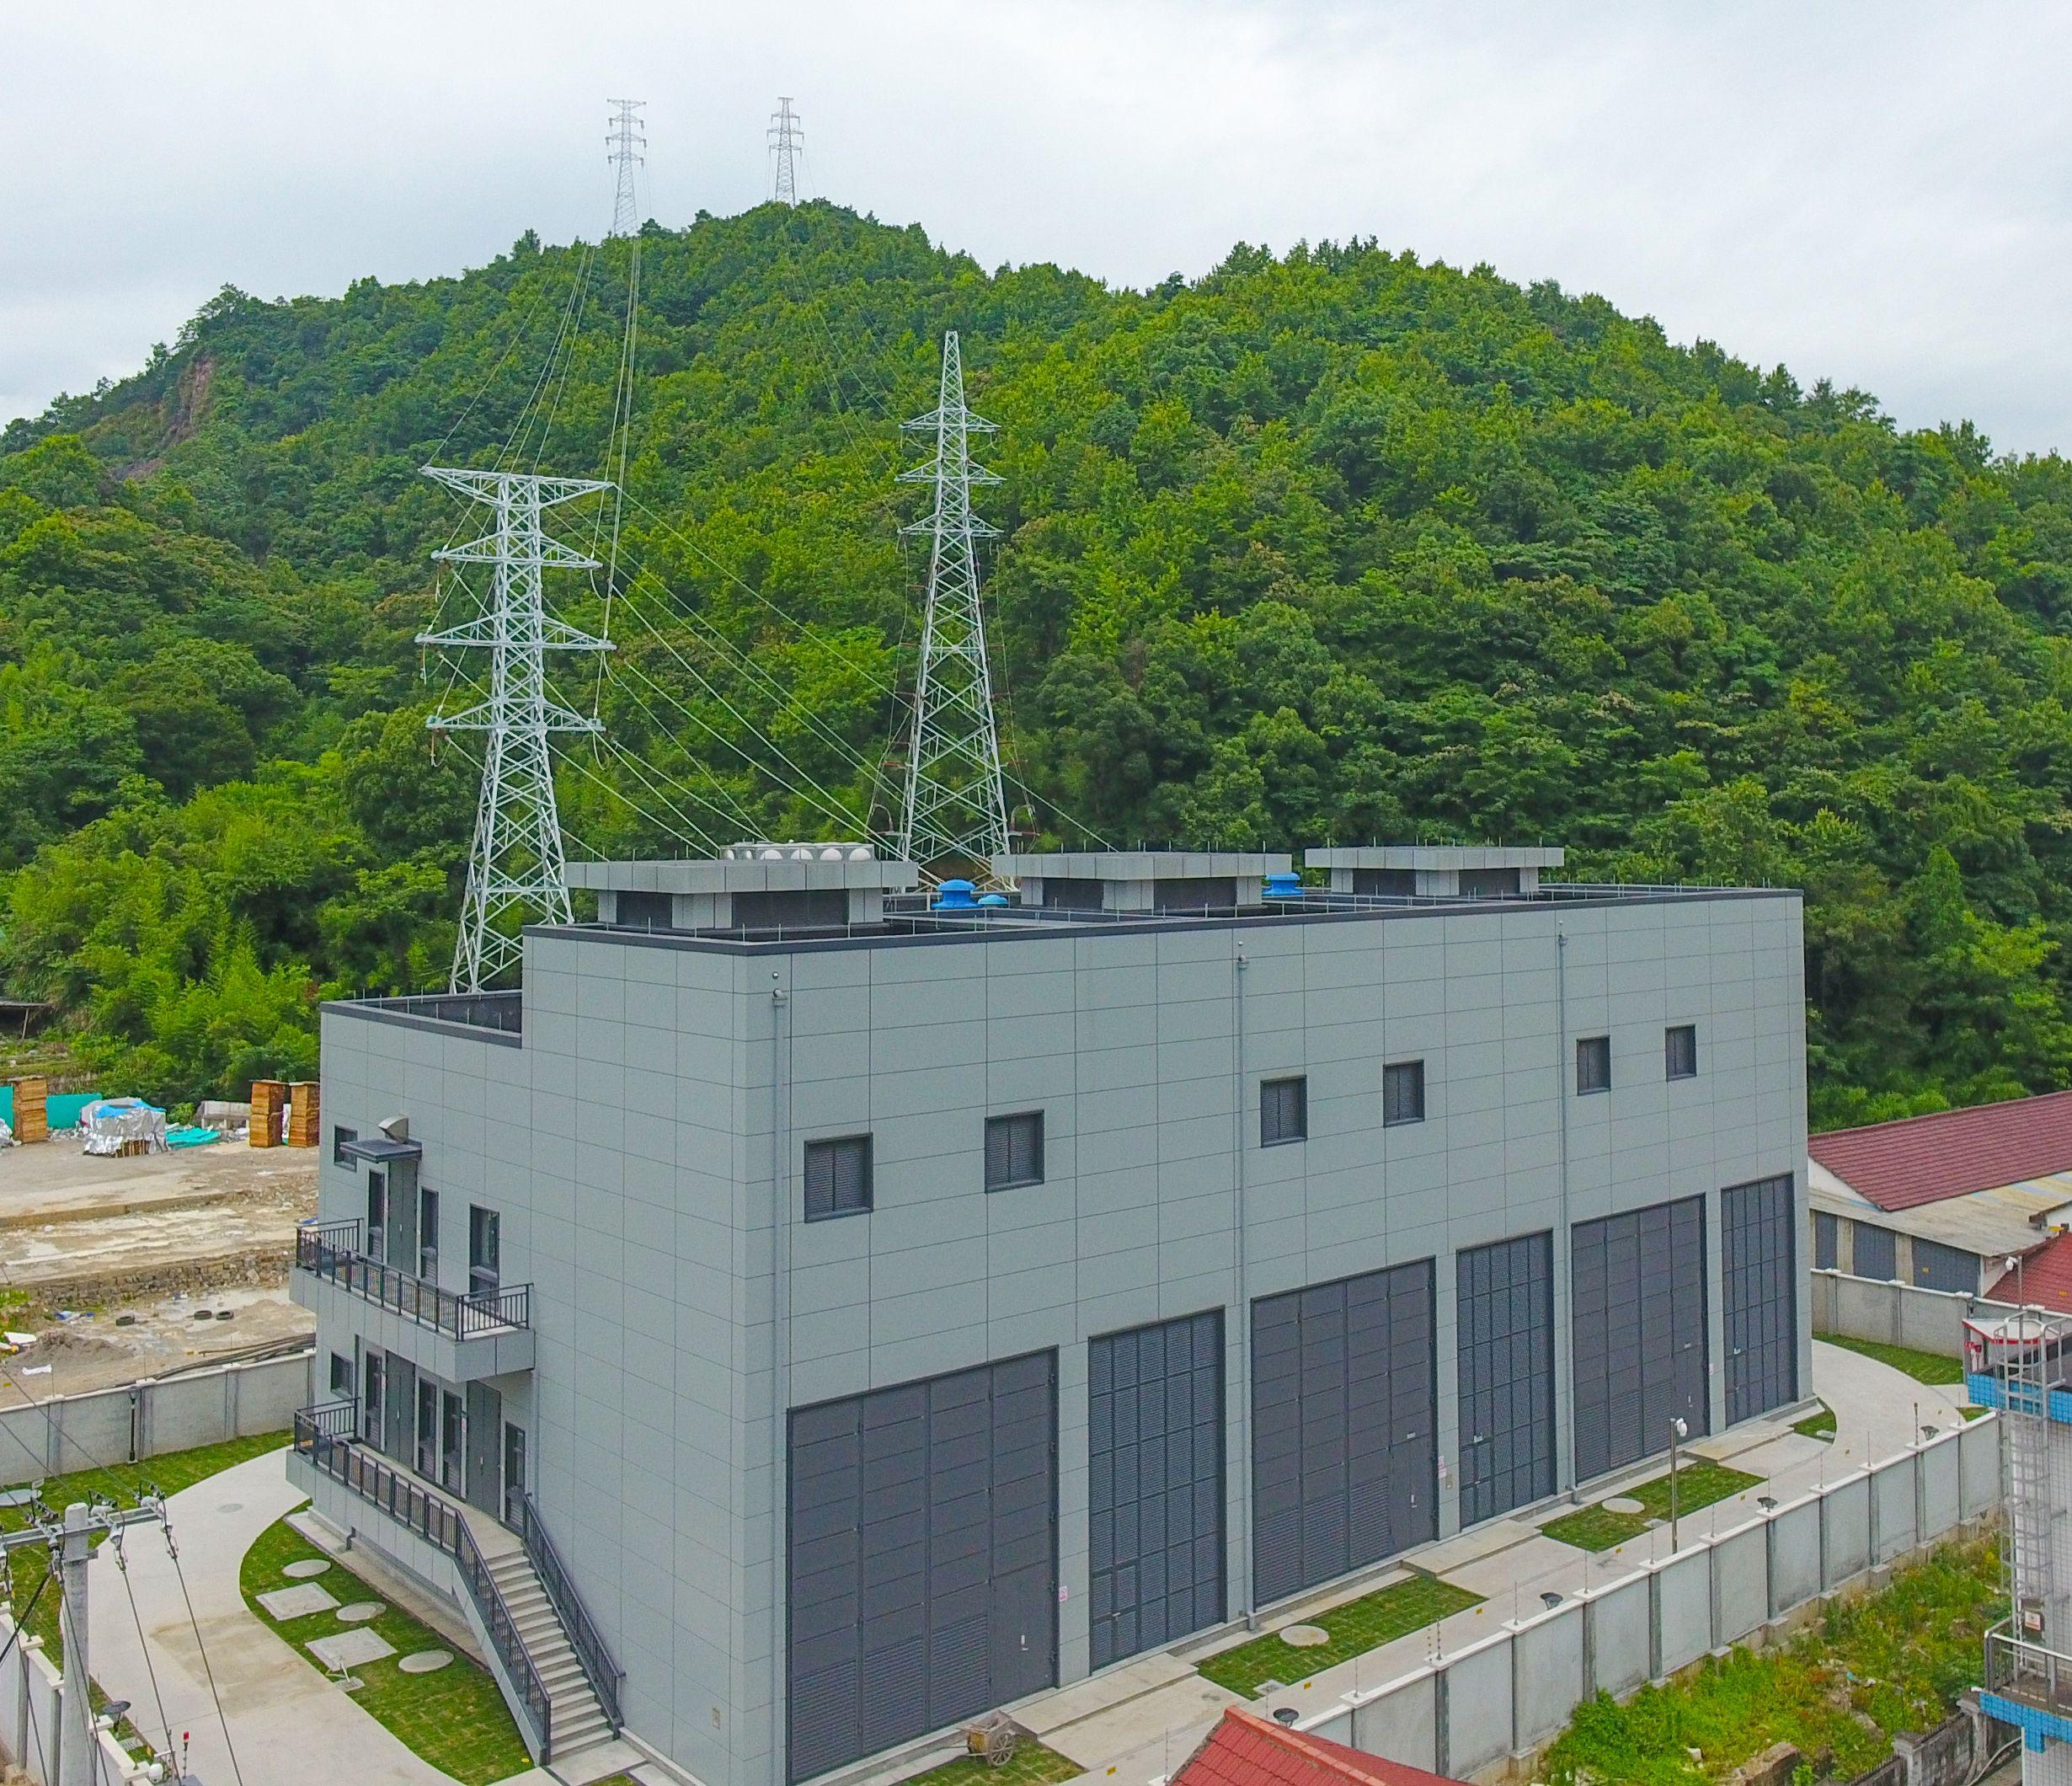 杭州萧山发布国内首个城市级新型电力系统建设方案